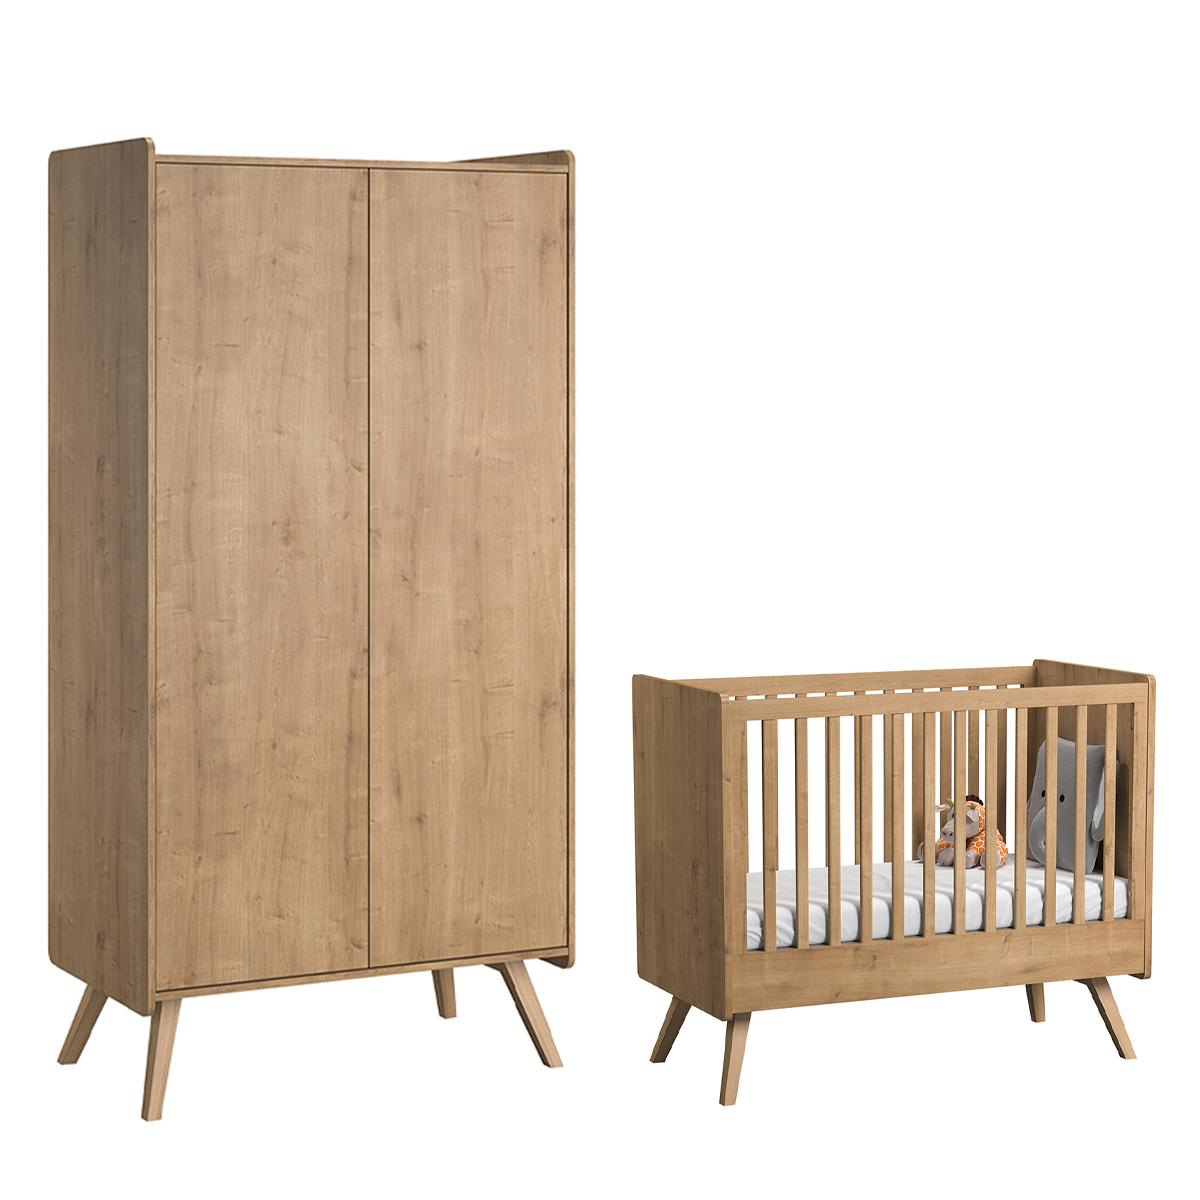 Lit bébé 60x120 et armoire 2 portes Vox Vintage - Bois